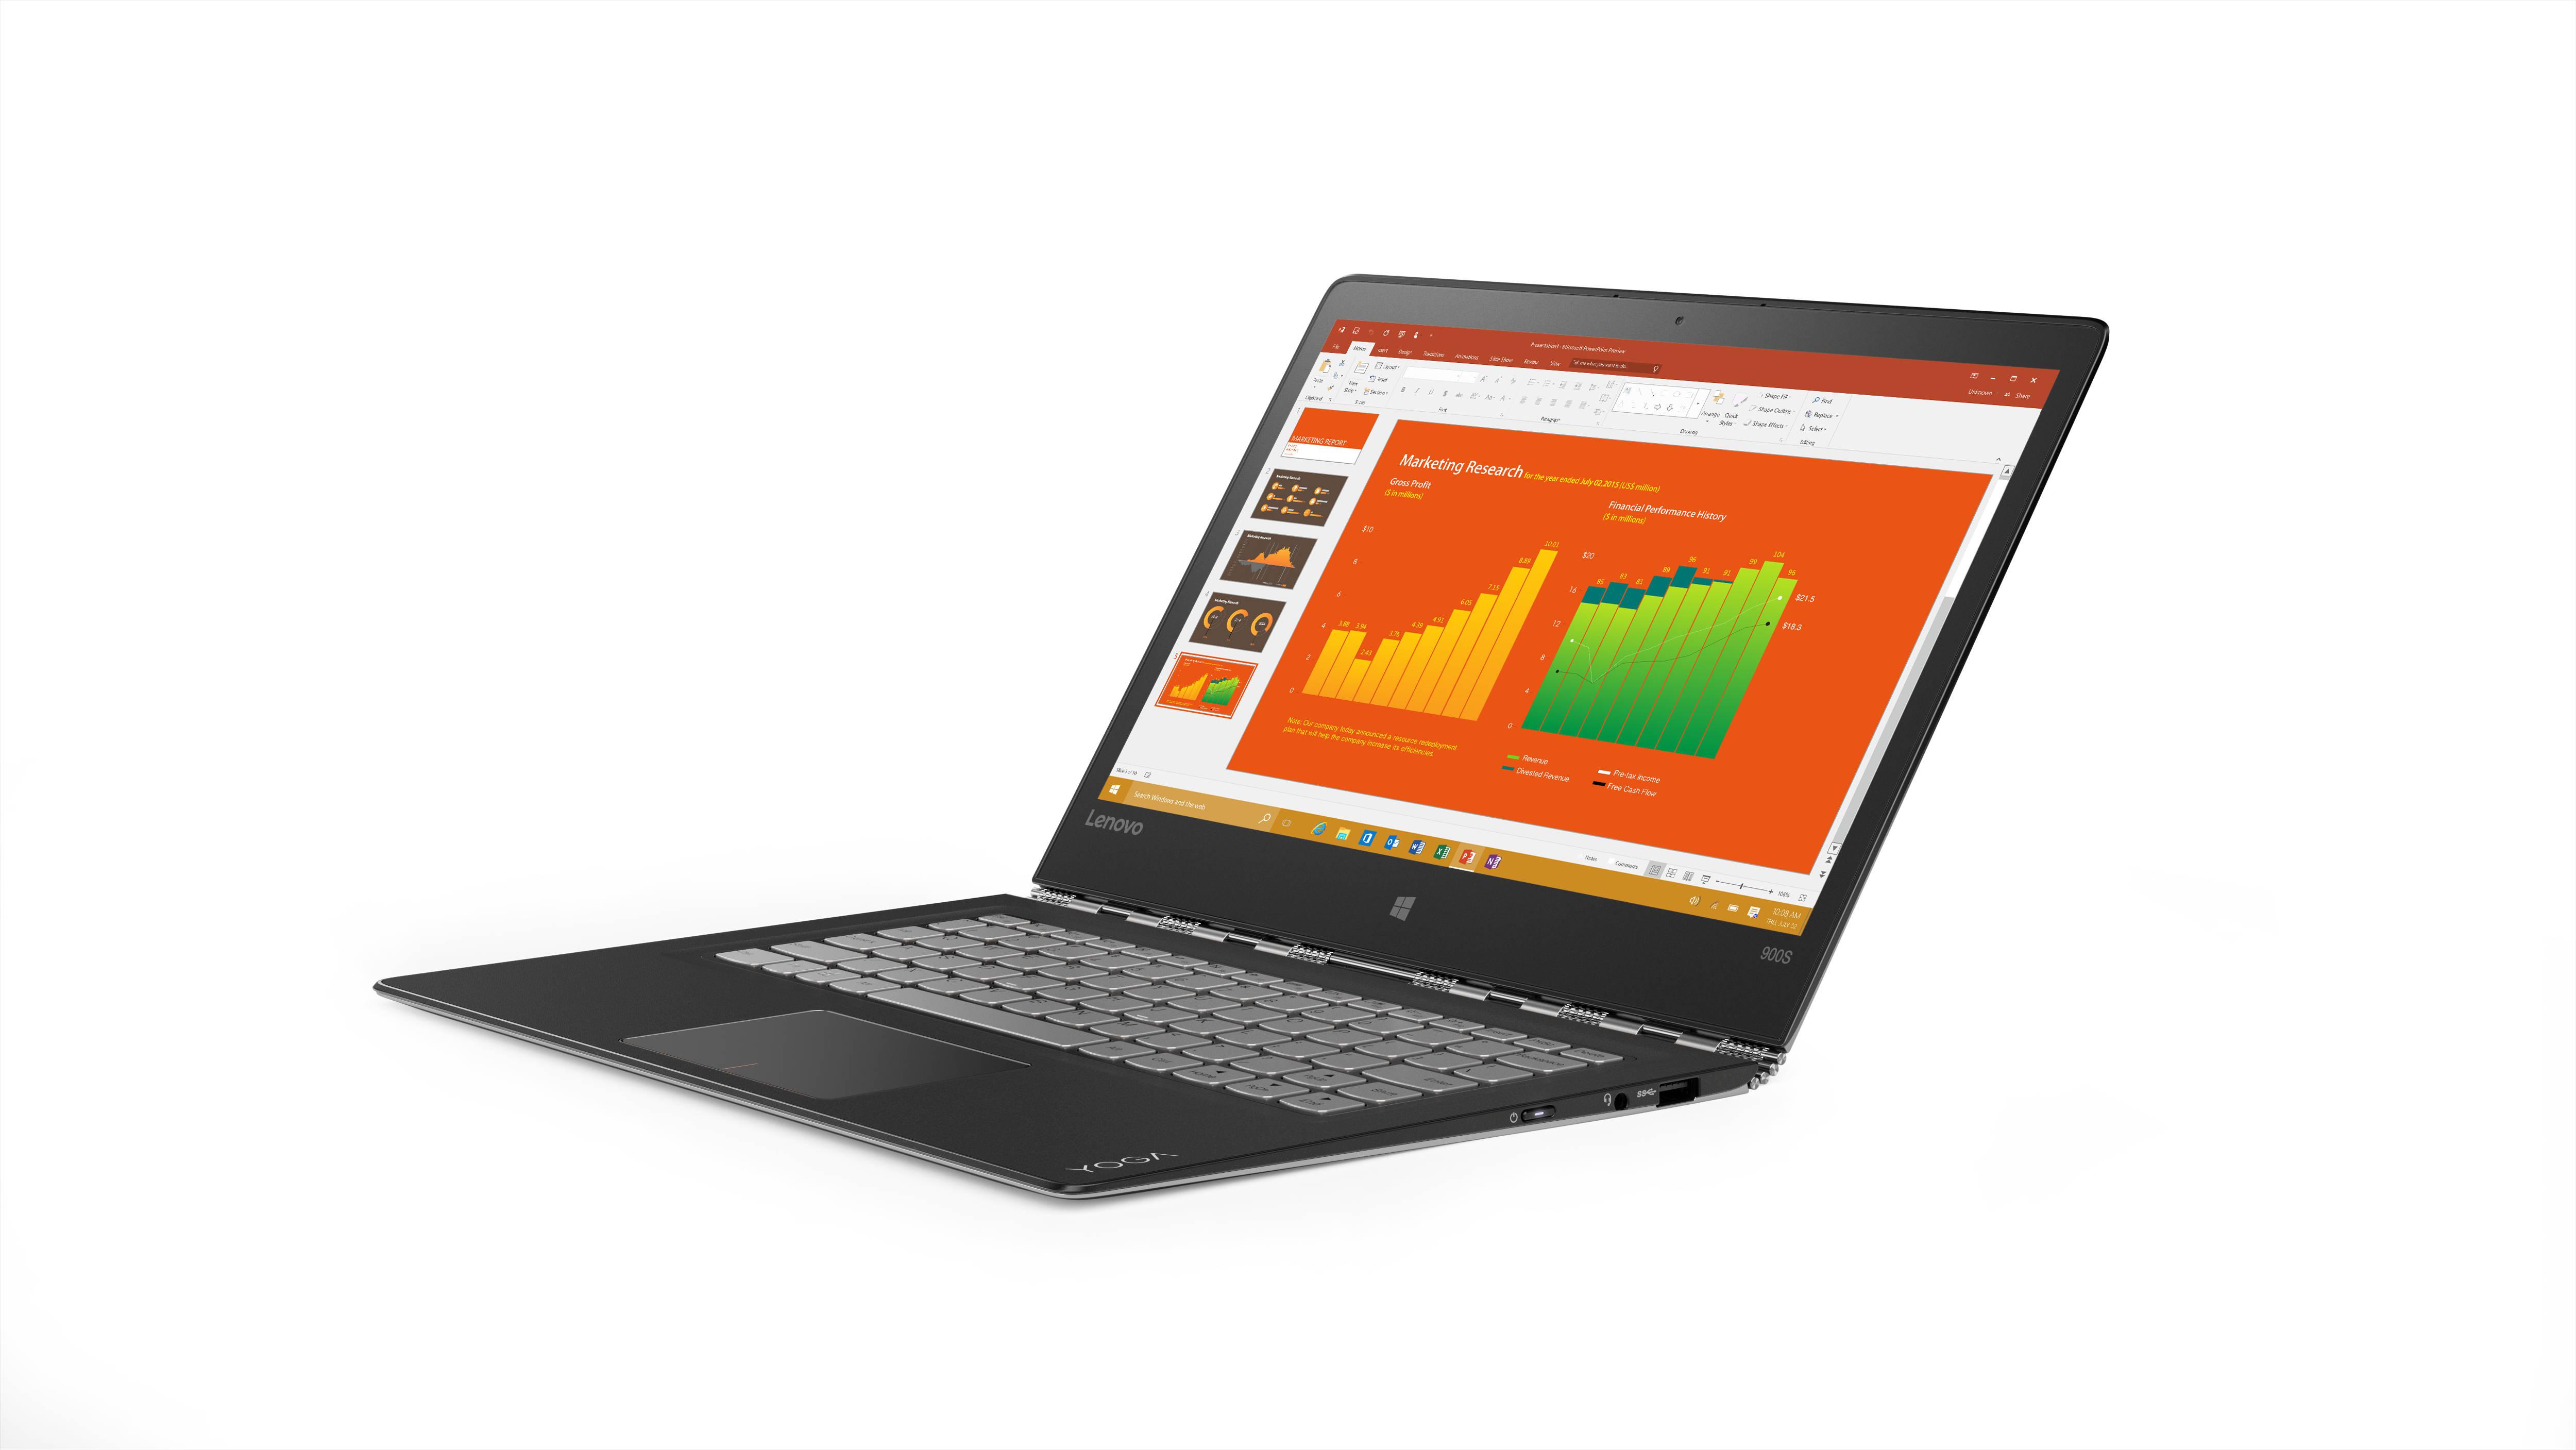 Lenovo Yoga 900S 12.5 QHD/INT/6Y54/8G/256G/W10/Silver